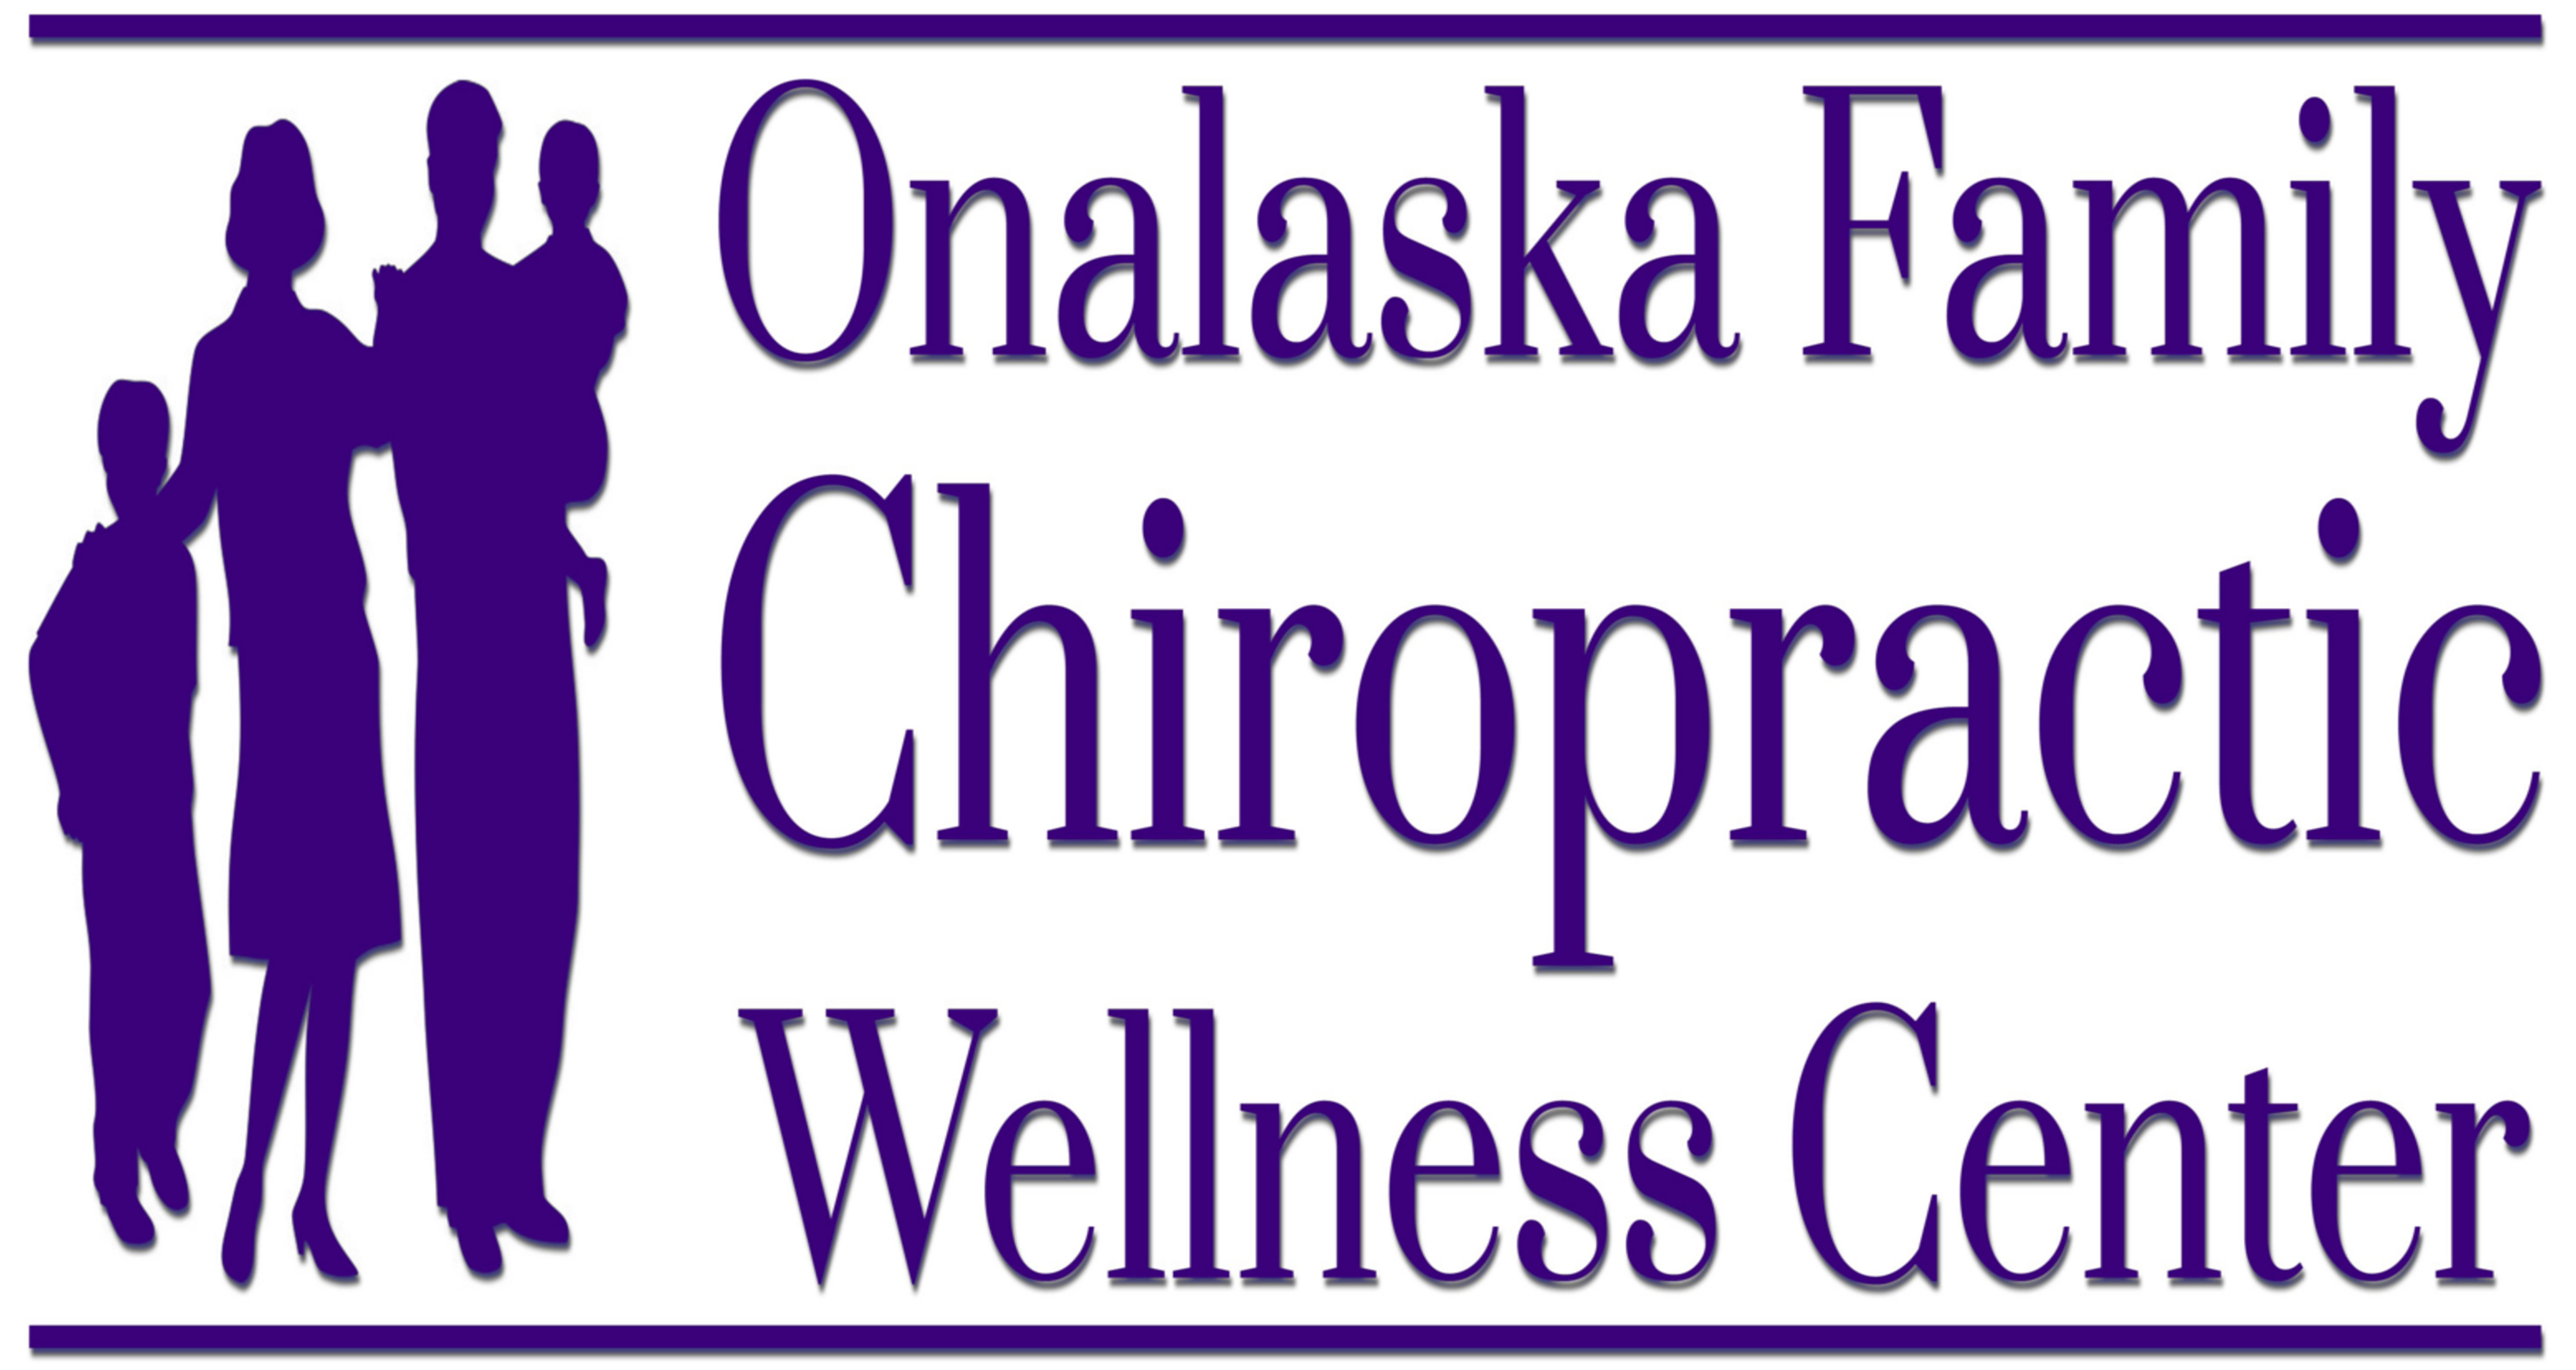 Onalaska Family Chiropracti Wellness